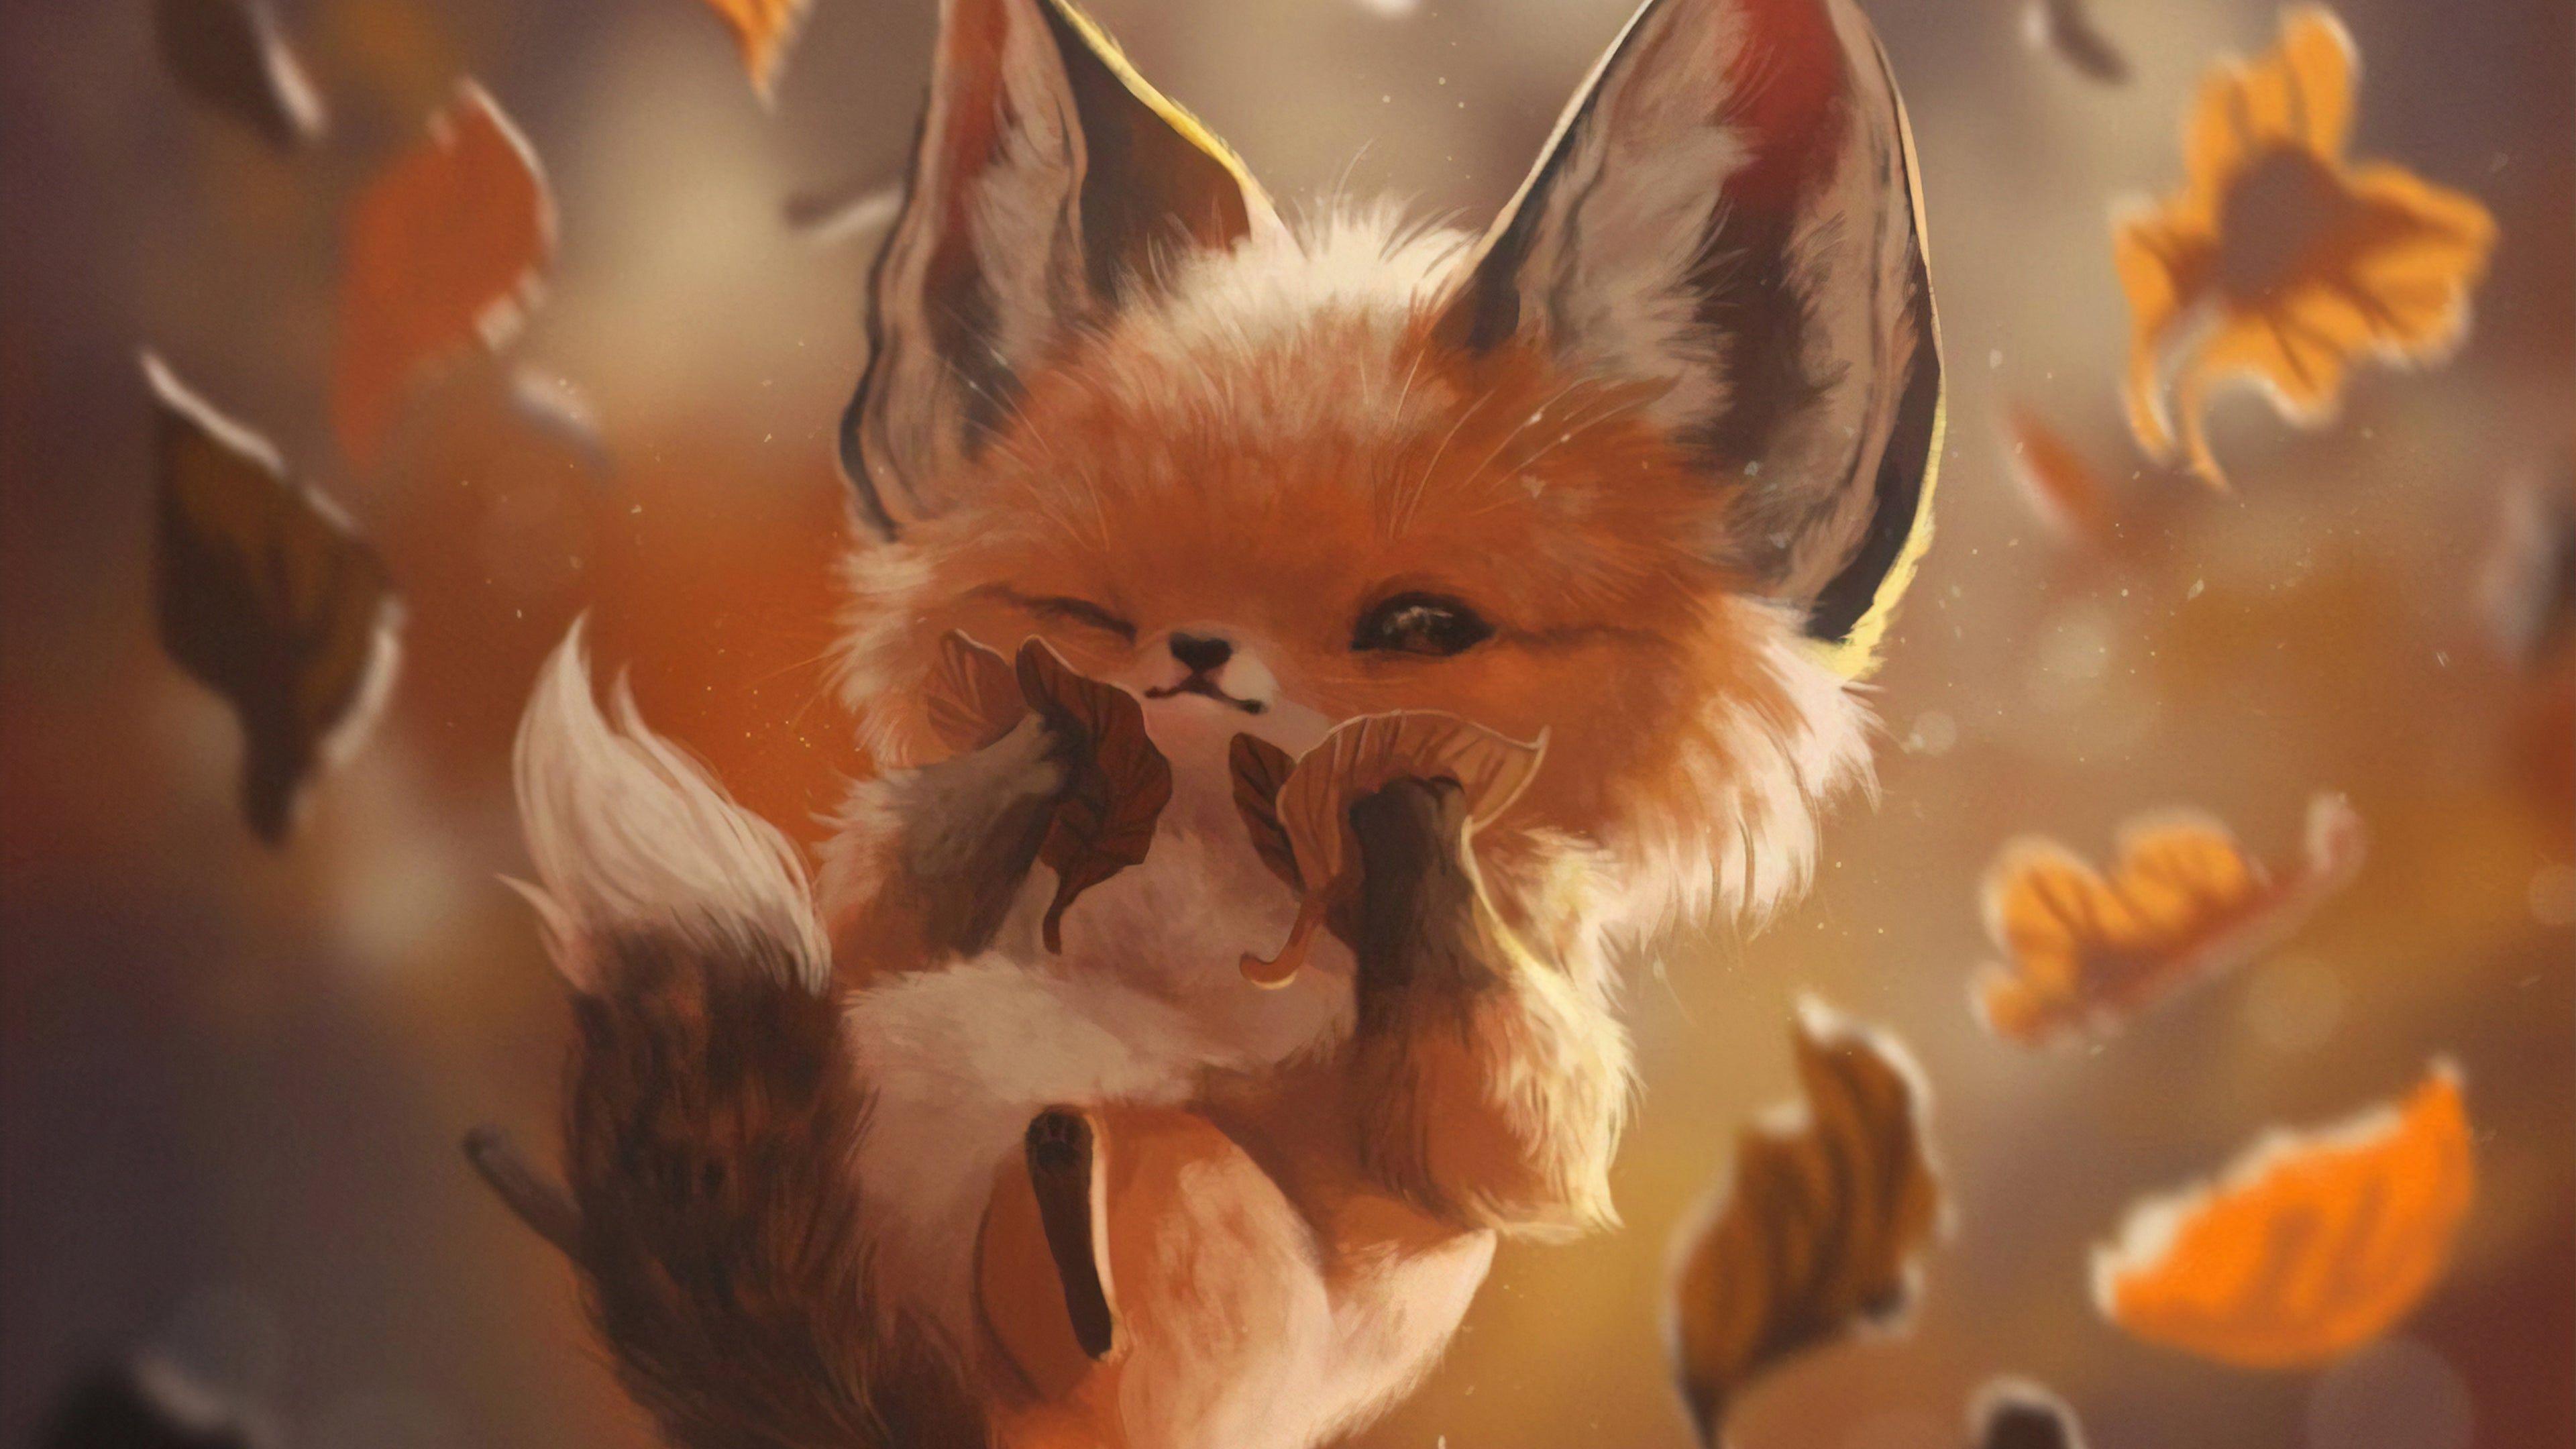 Autumn Lover Fox wallpaper | Cute wallpaper backgrounds, Active ...